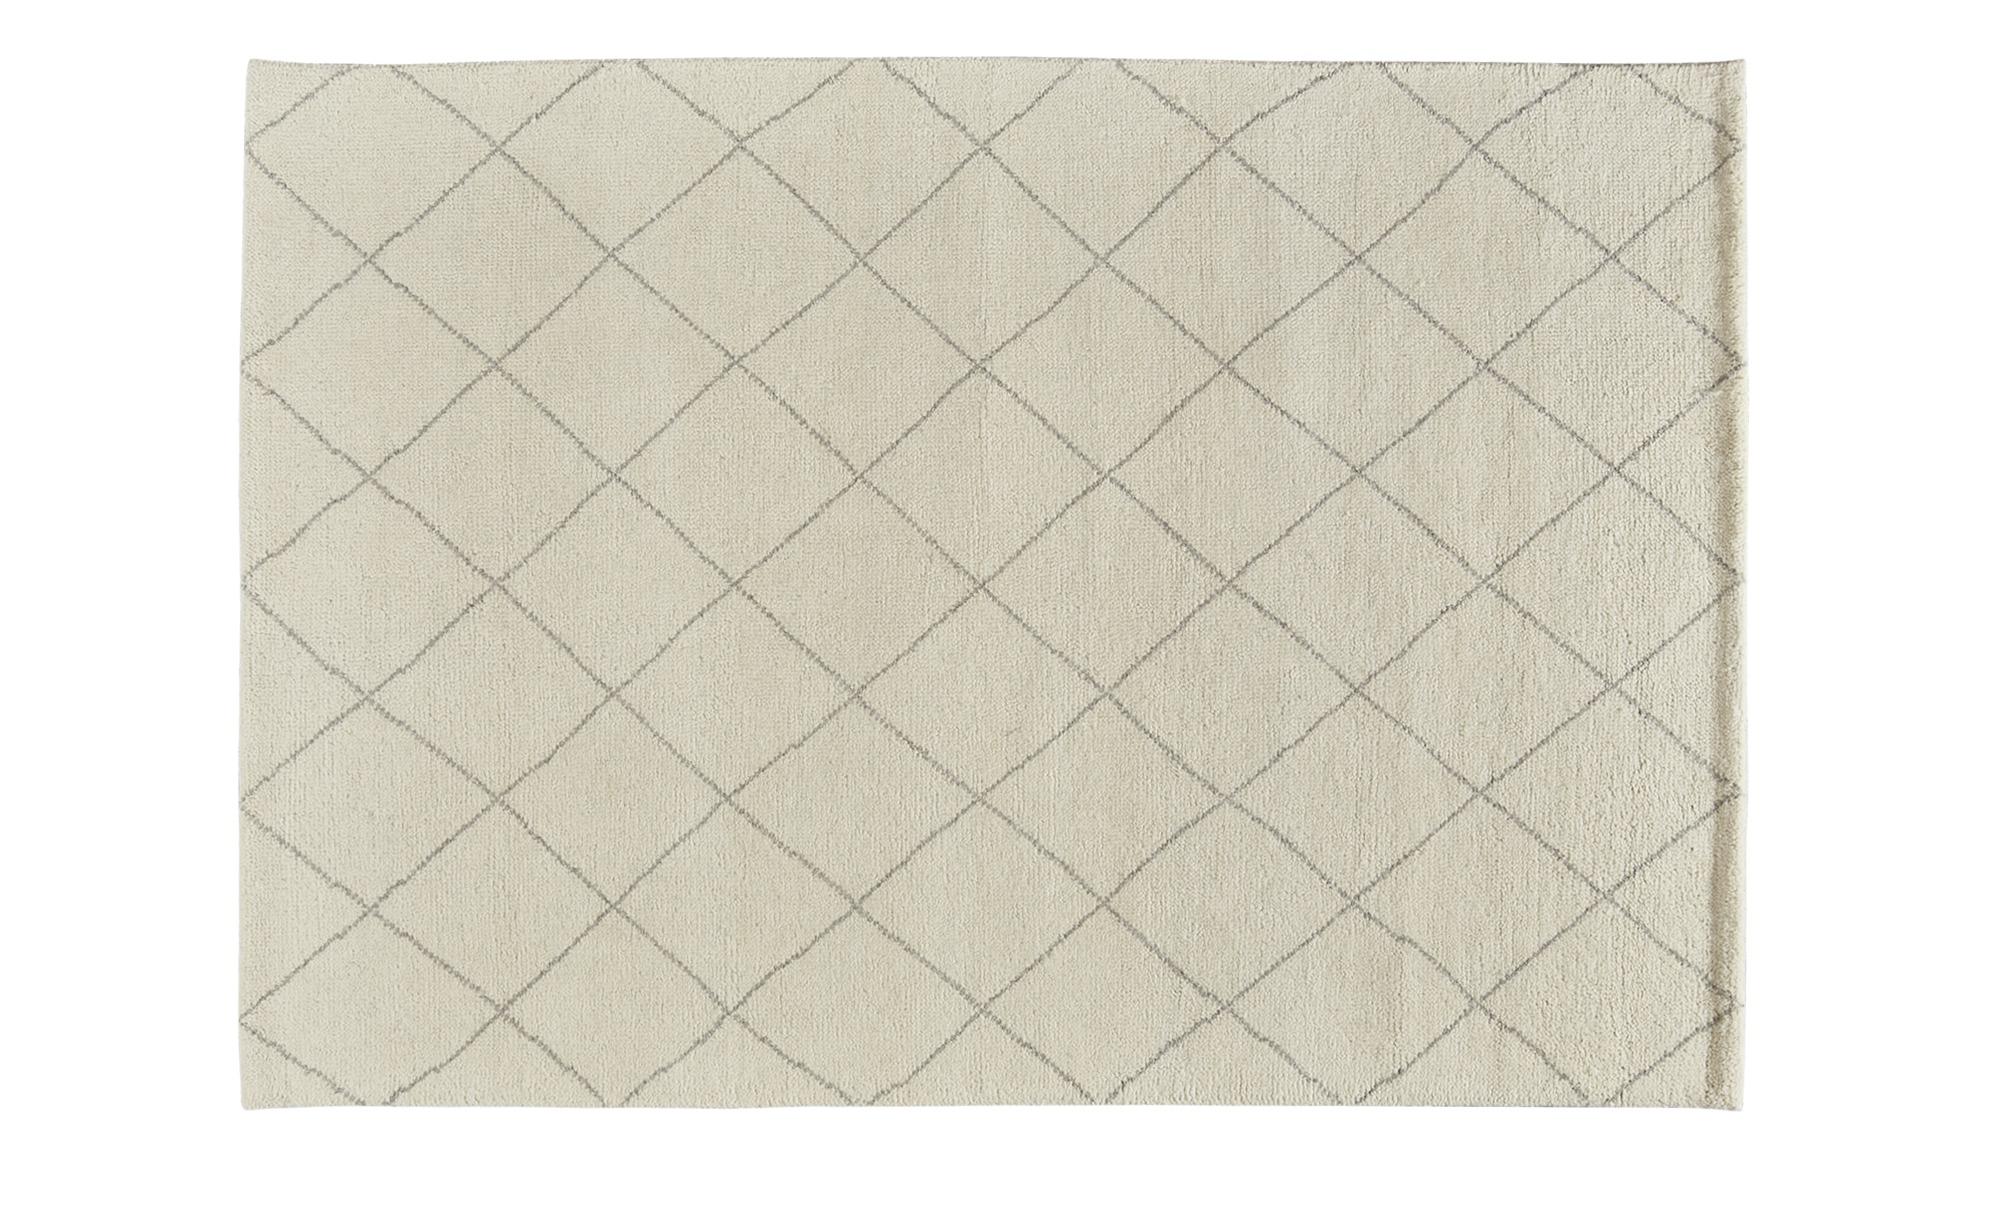 Berber-Teppich  Marrakesh Design simple ¦ weiß ¦ reine Wolle ¦ Maße (cm): B: 170 Teppiche > Wohnteppiche - Höffner | Heimtextilien > Teppiche > Berberteppiche | Weiß | Wolle | Möbel Höffner DE